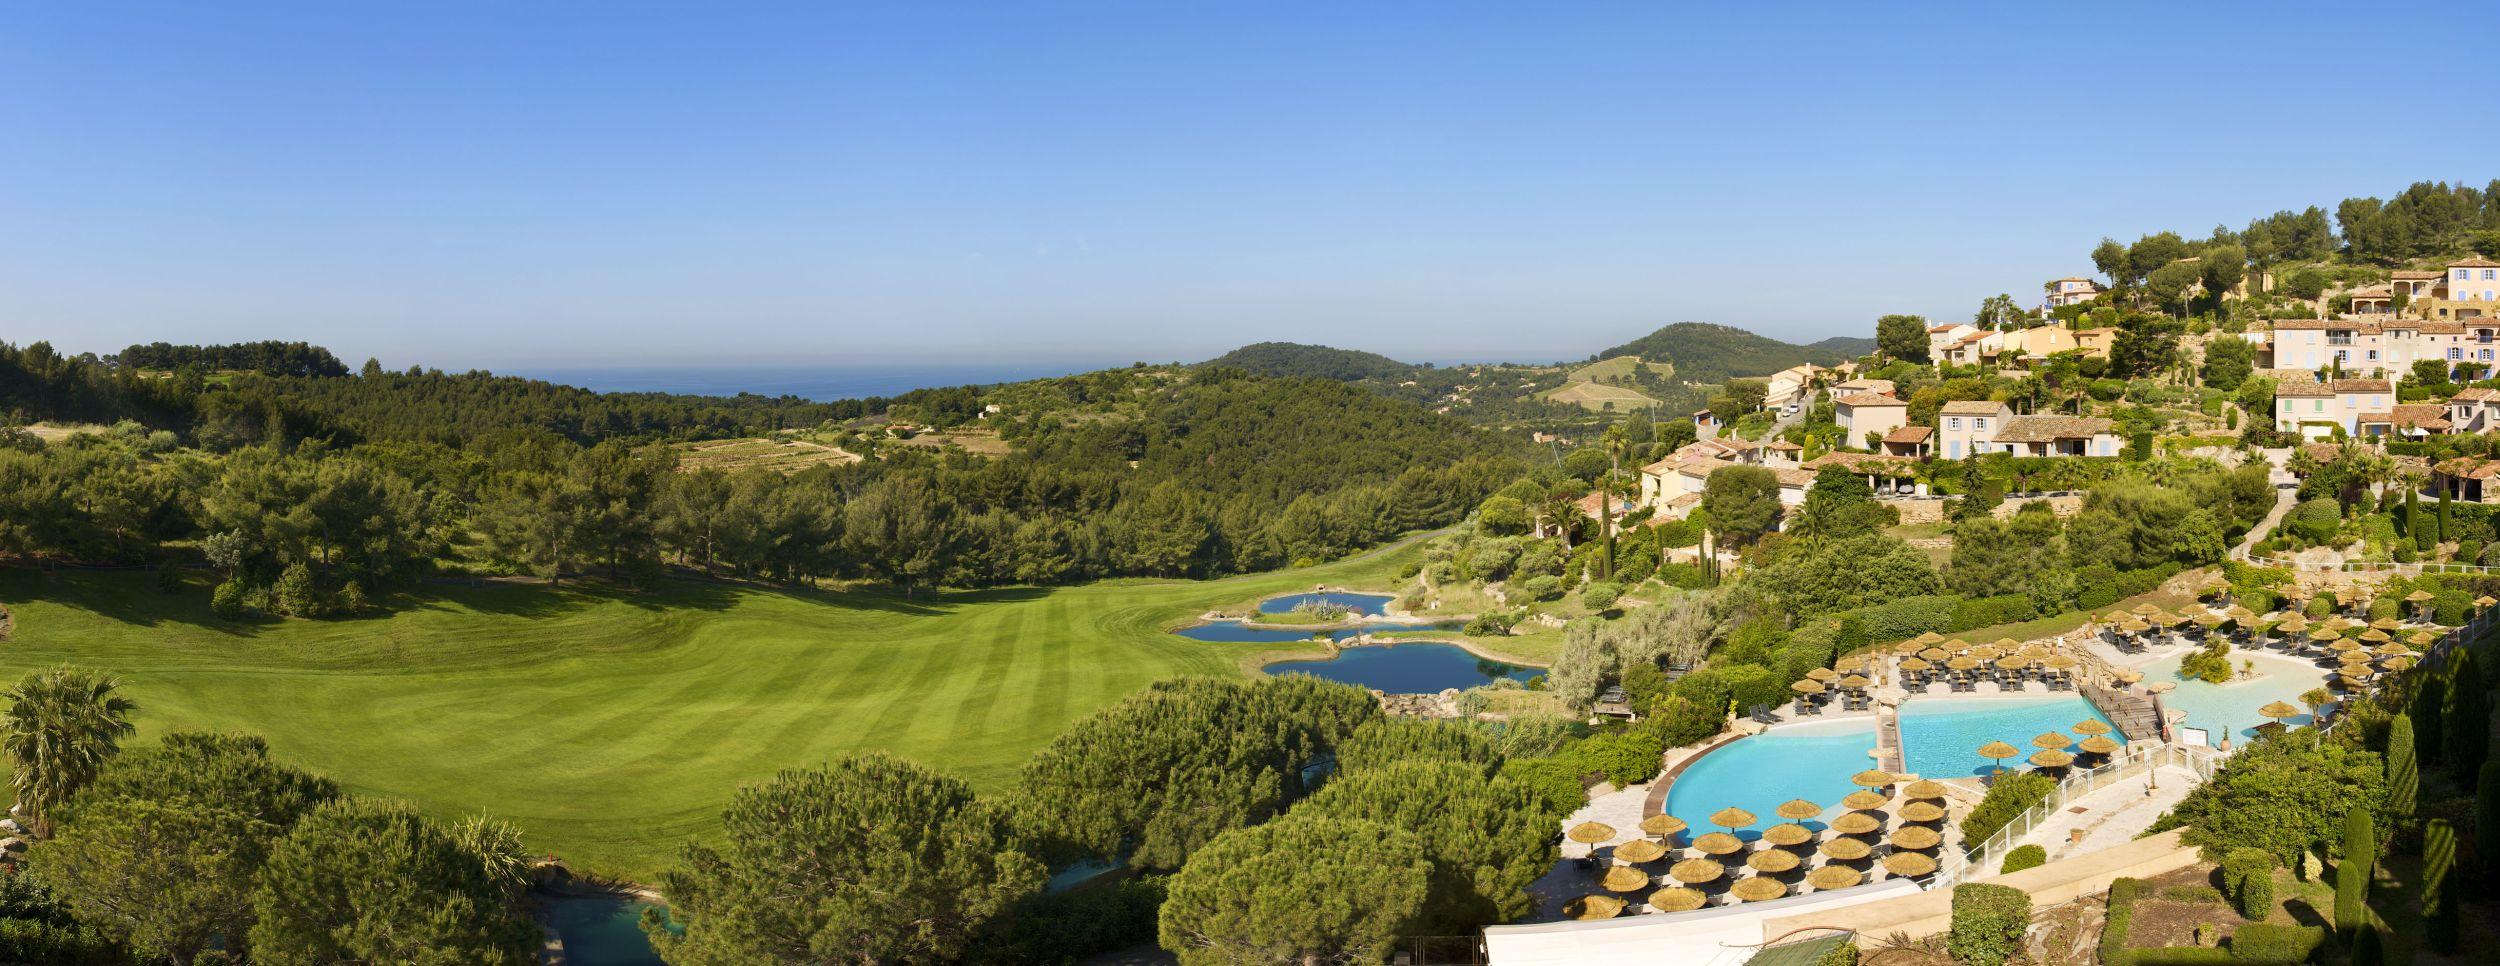 golf-expedition-golfreizen-frankrijk-heerlijk-golfen-mooiste-golfbanen